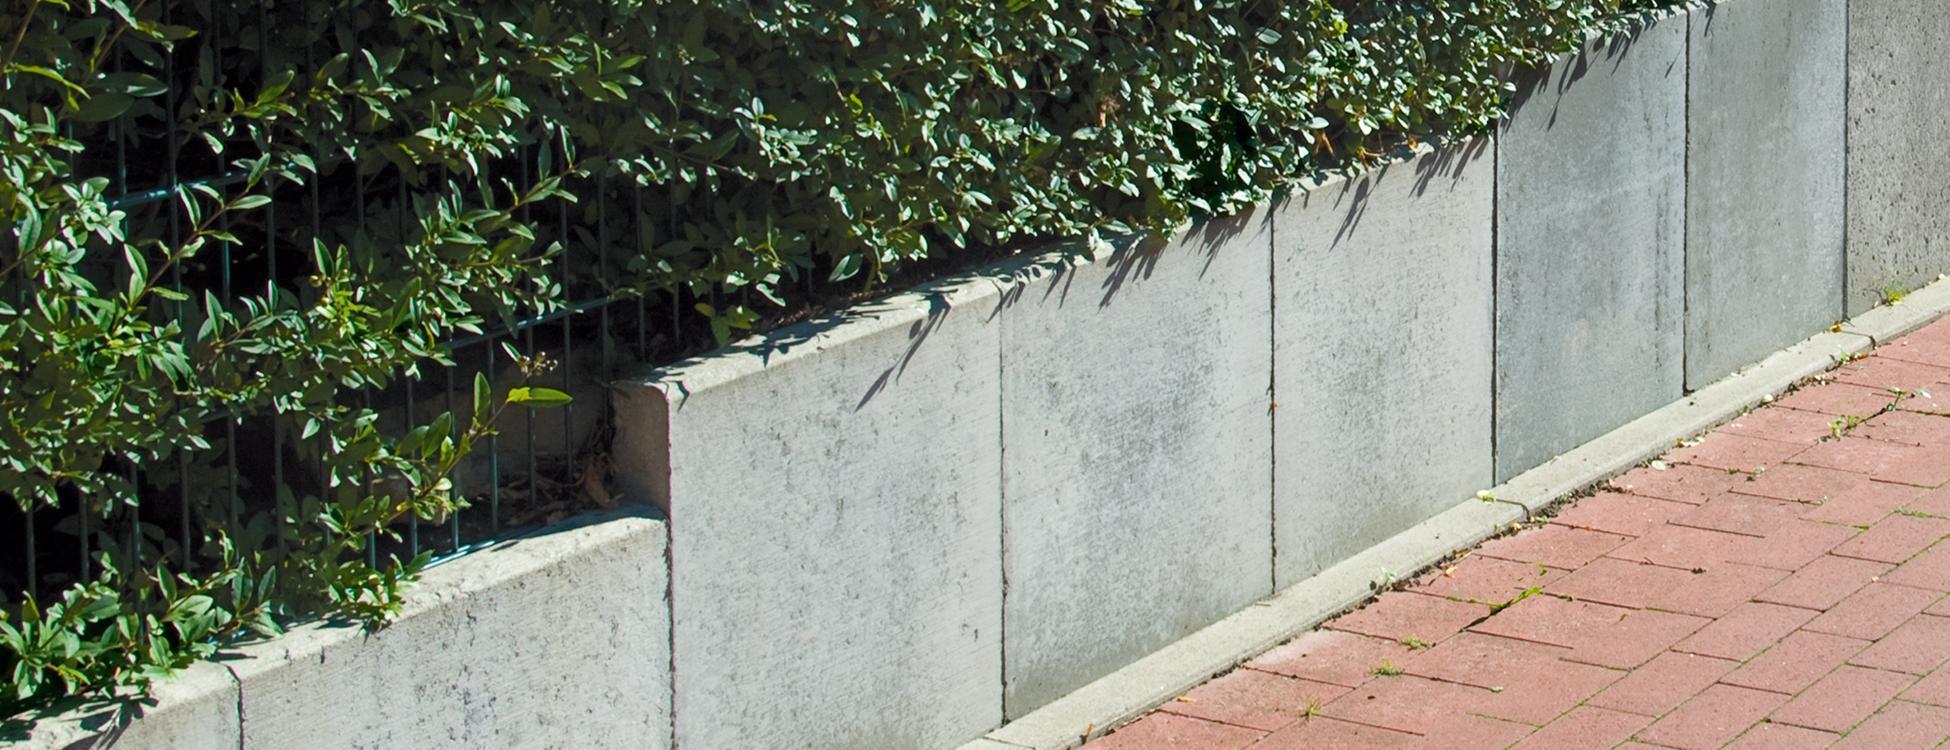 Trockenmauer und l steine am - L steine garten ...